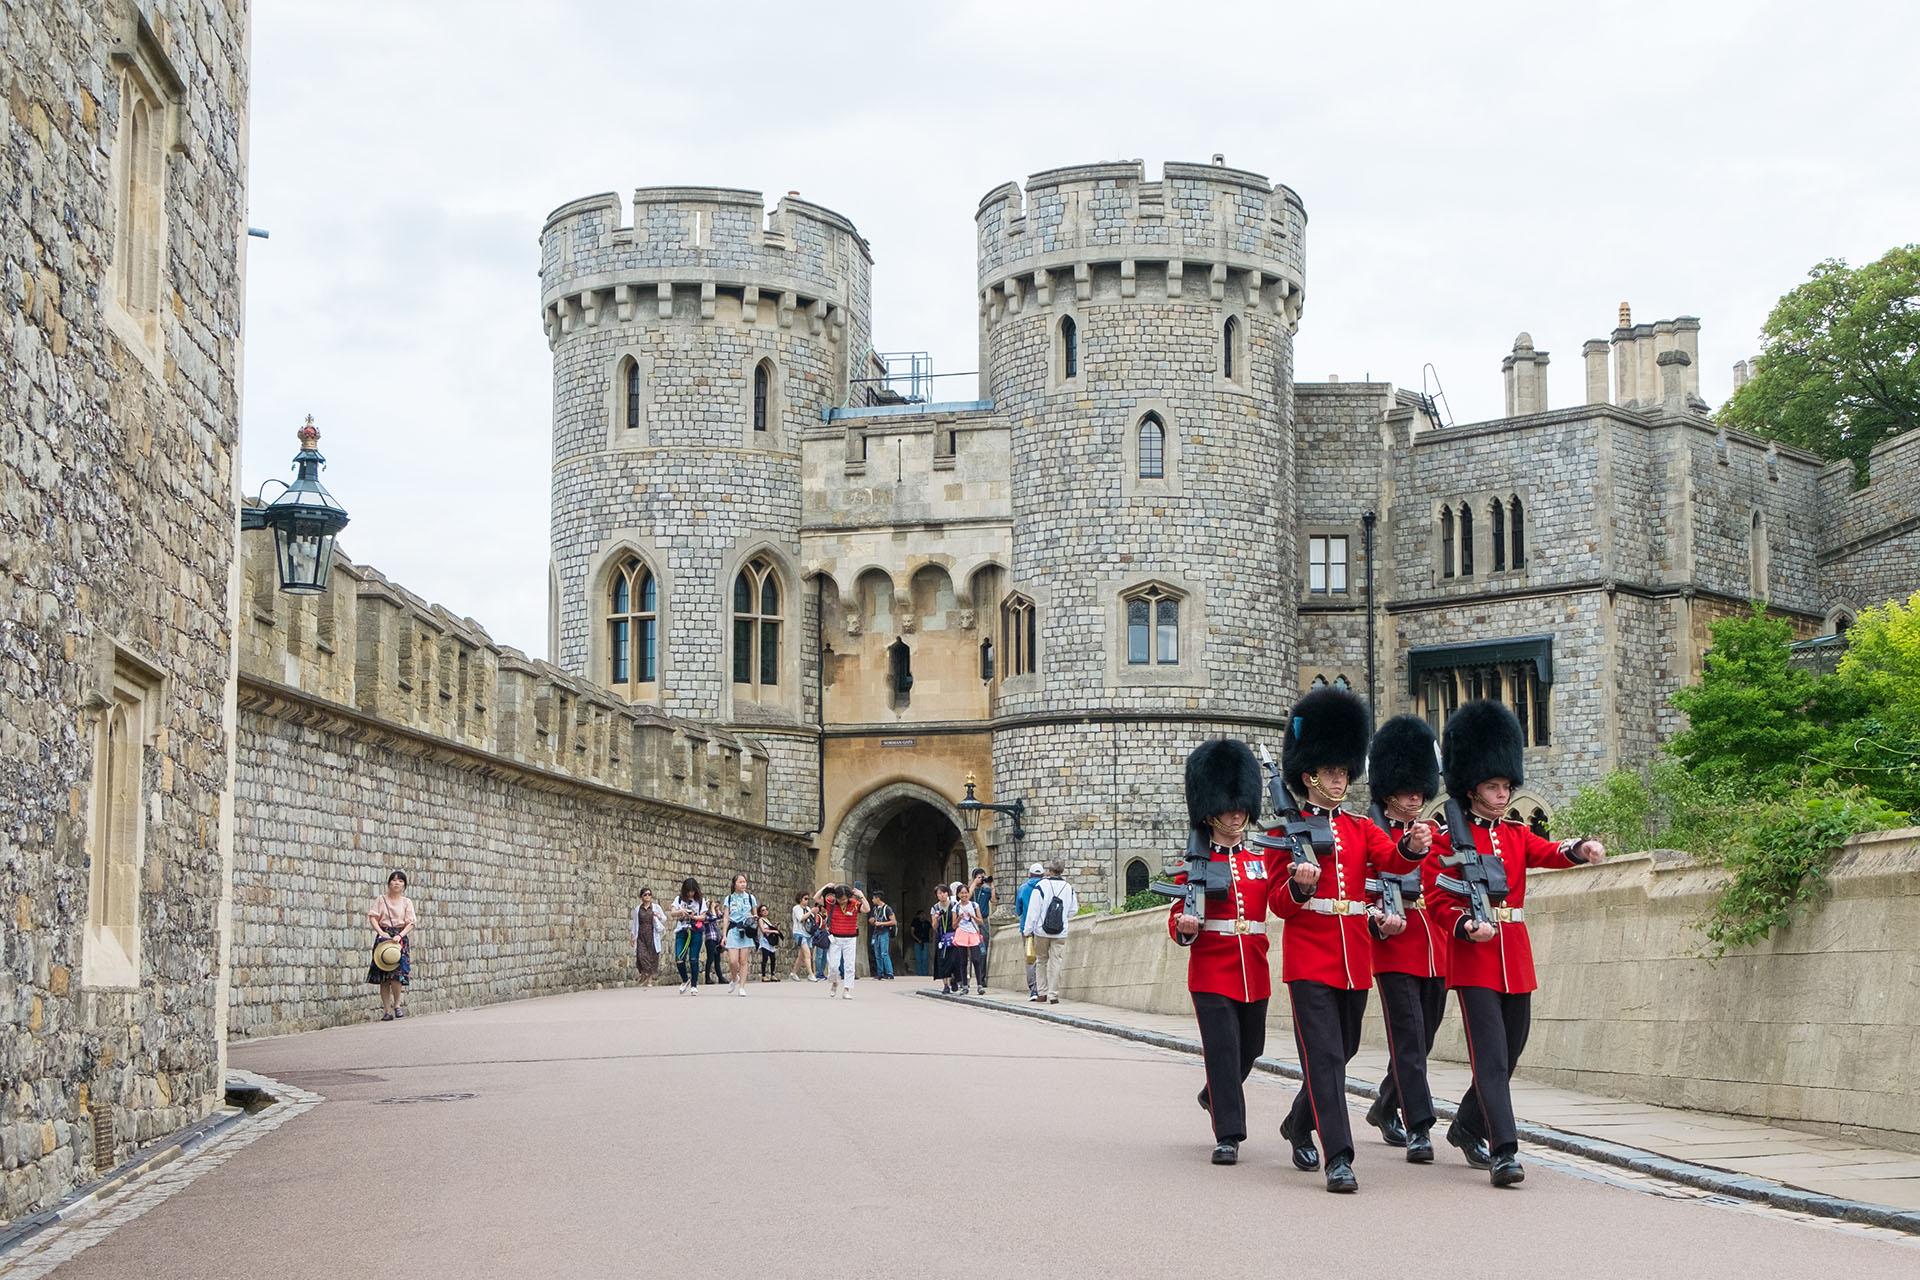 El castillo de Windsor ocupa un área de más de cinco hectáreas y combina elementos de fortificación, de palacio y de pueblo pequeño